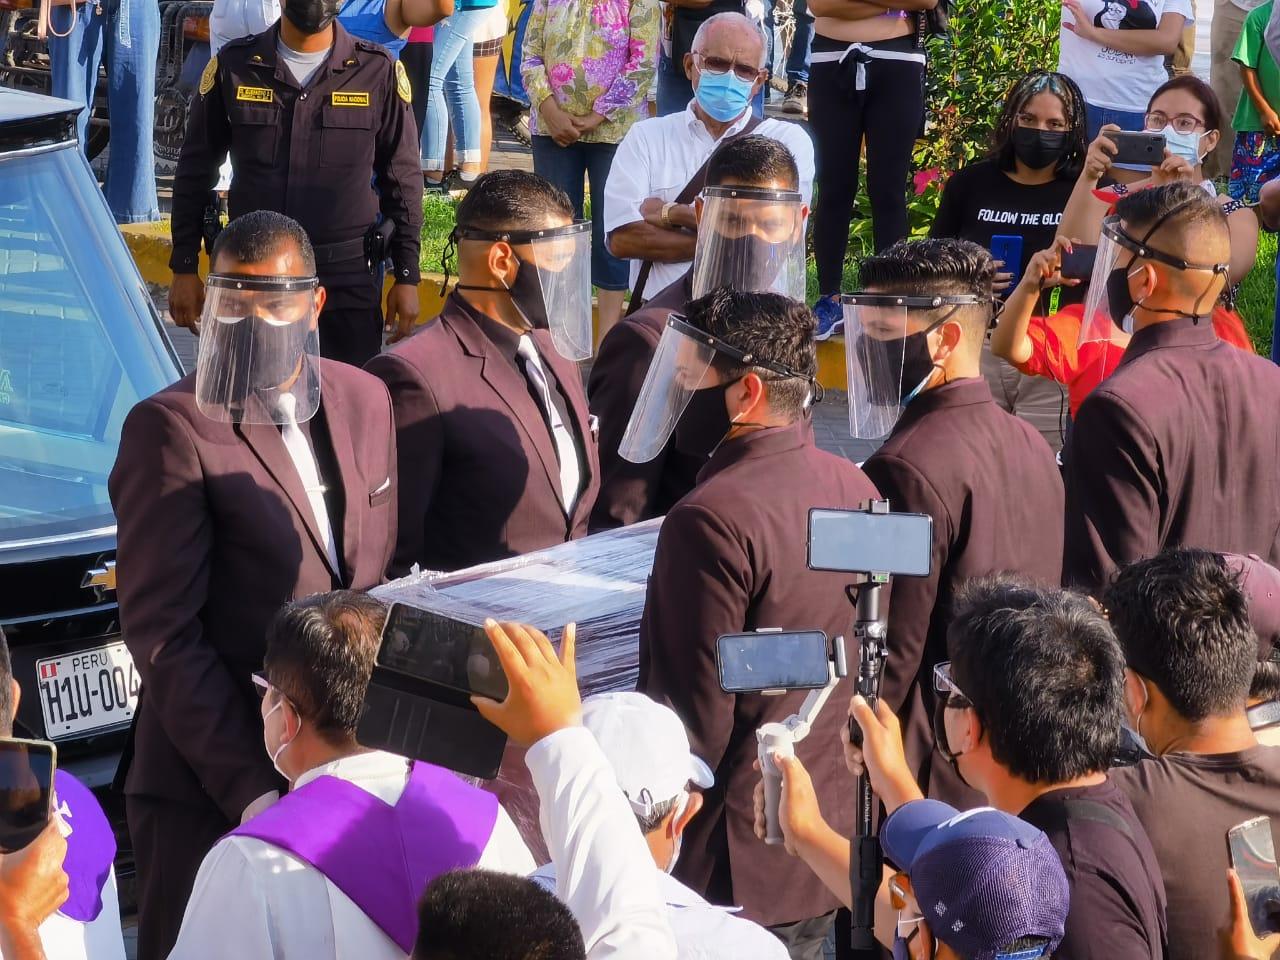 Llegada del cuerpo del Monseñor Bambaren a Chimbote. Frente a Catedral